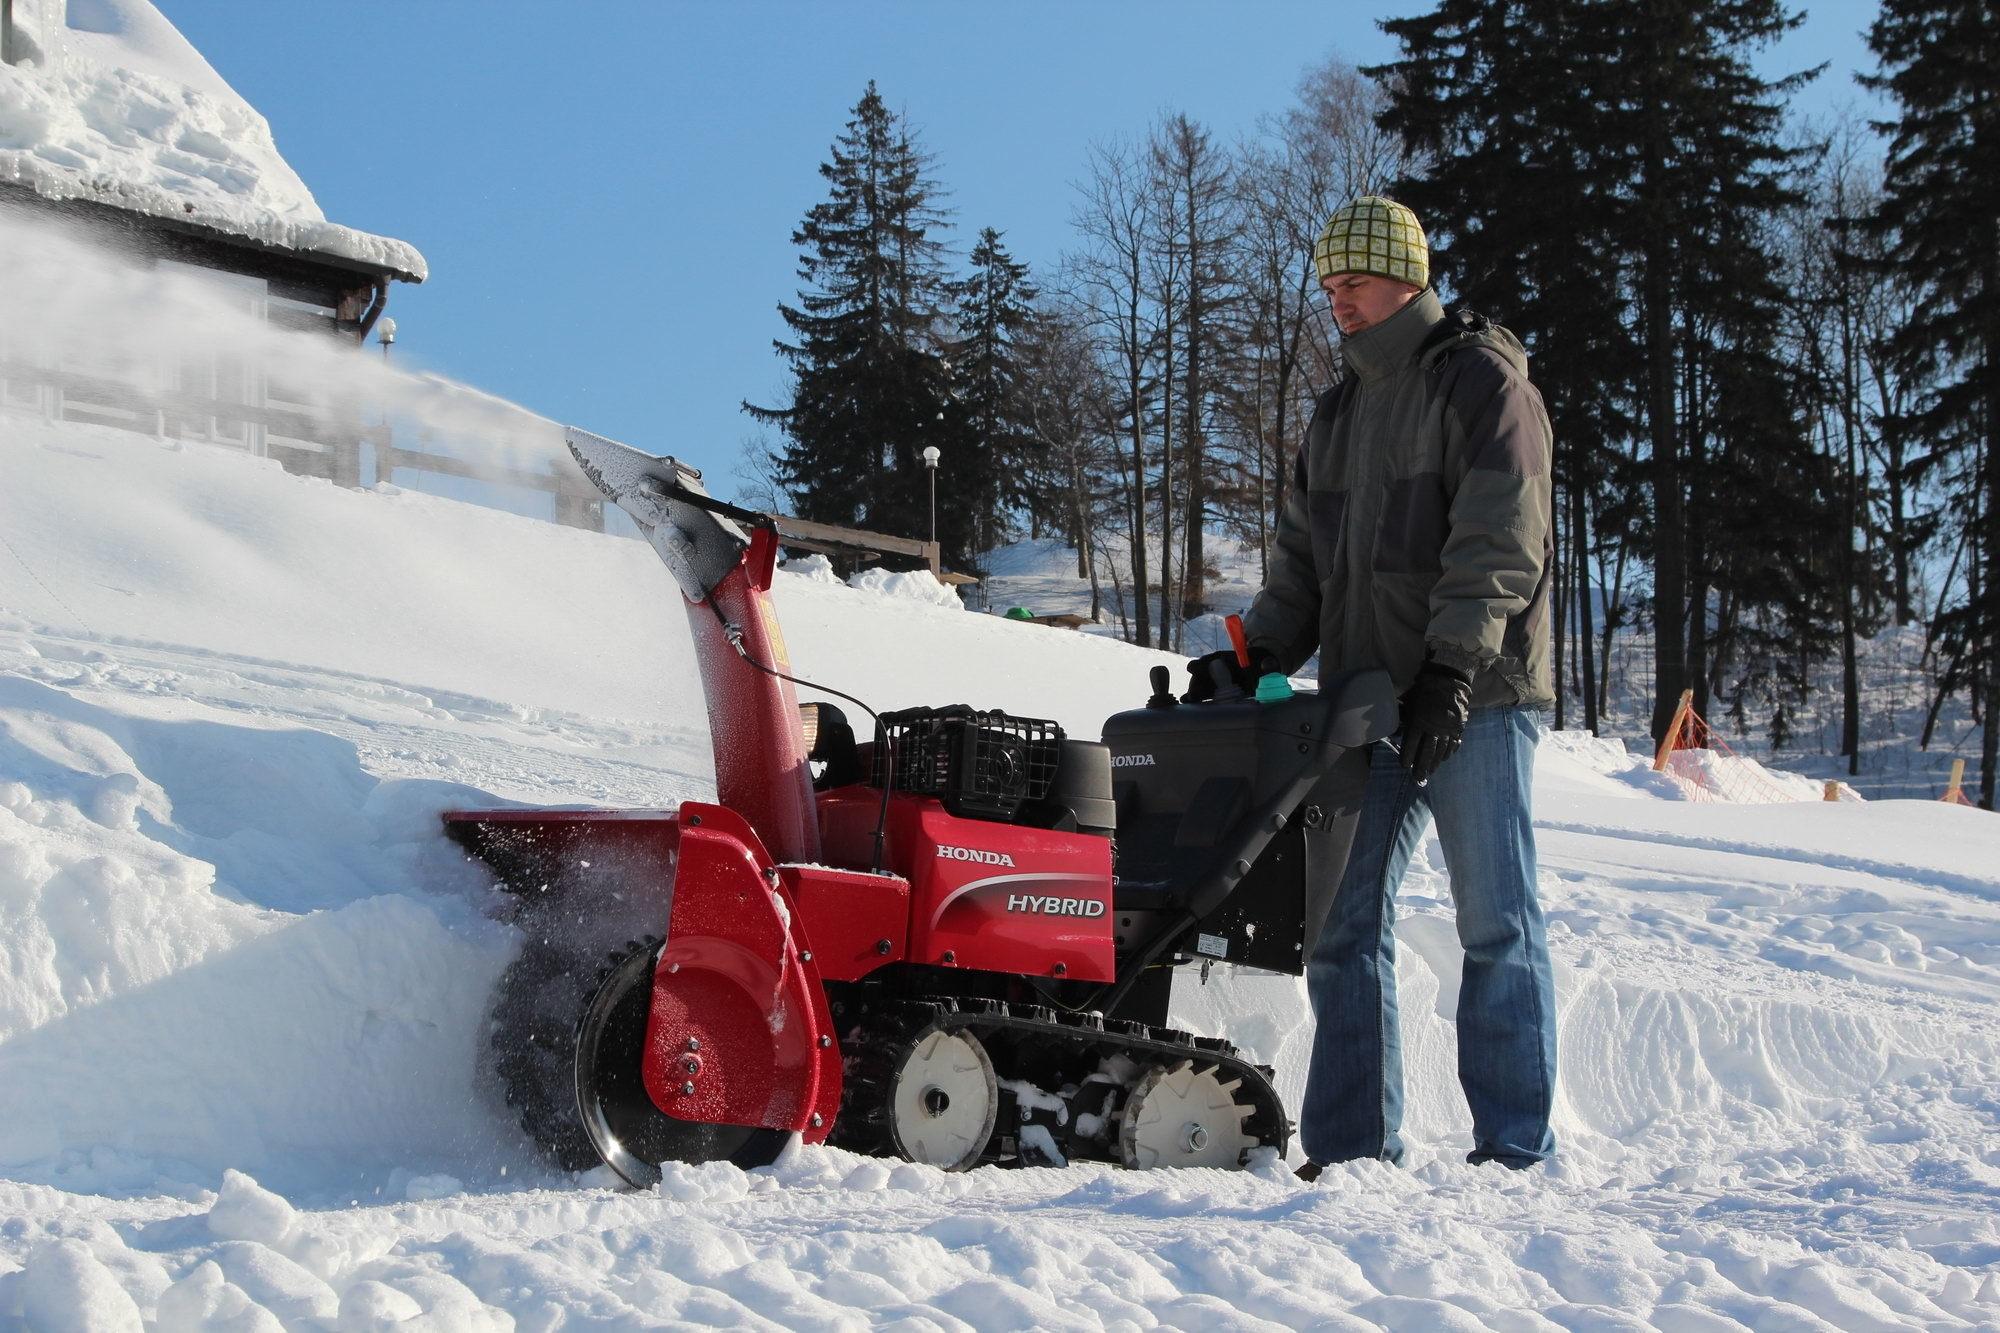 Honda HSM 1380i ETD hybridní sněhová pásová fréza Honda H719388 L-11